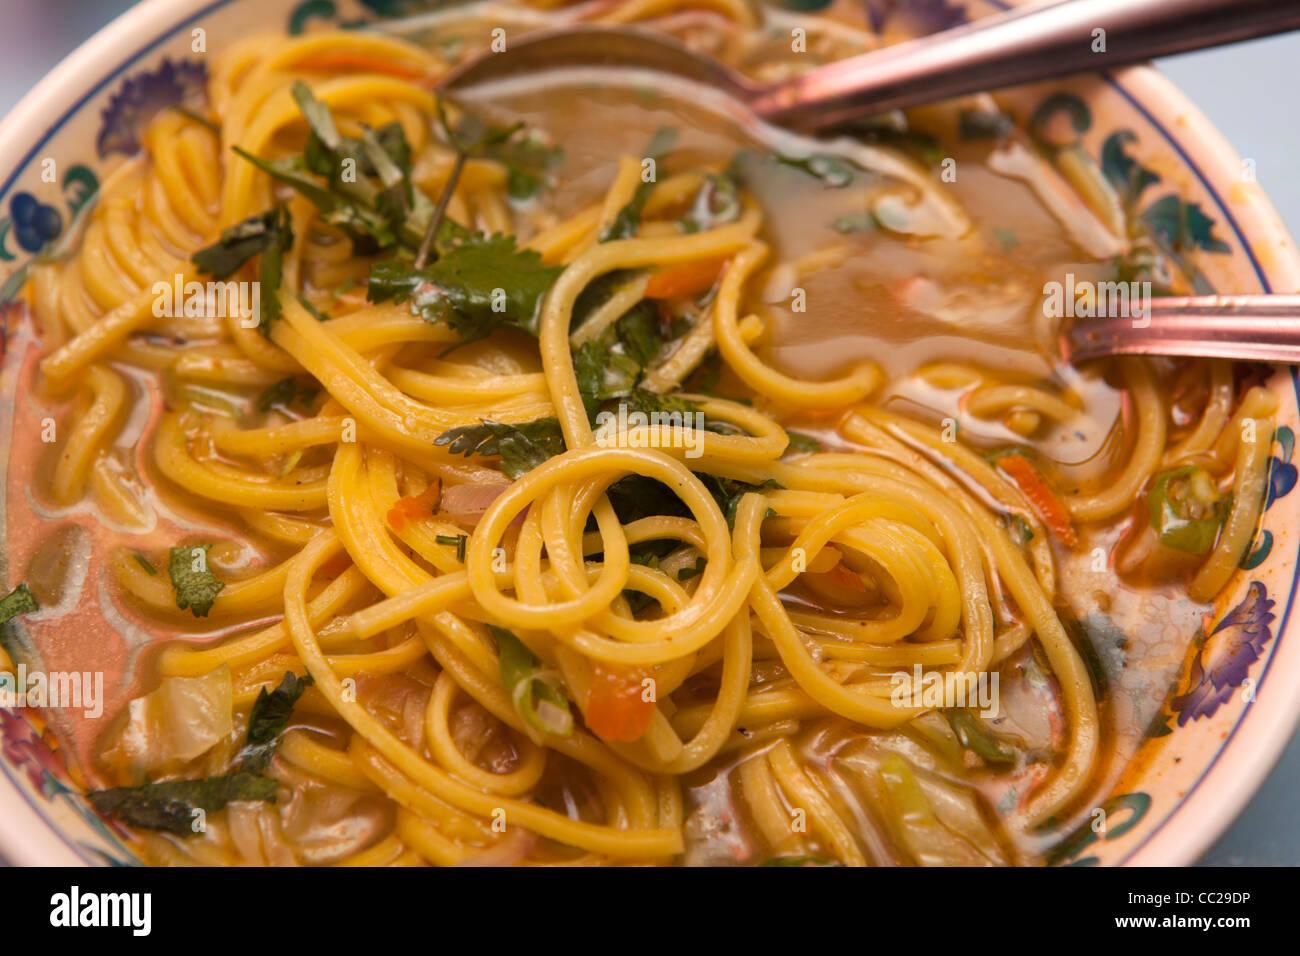 India arunachal pradesh ziro food plate of freshly for Arunachal pradesh cuisine